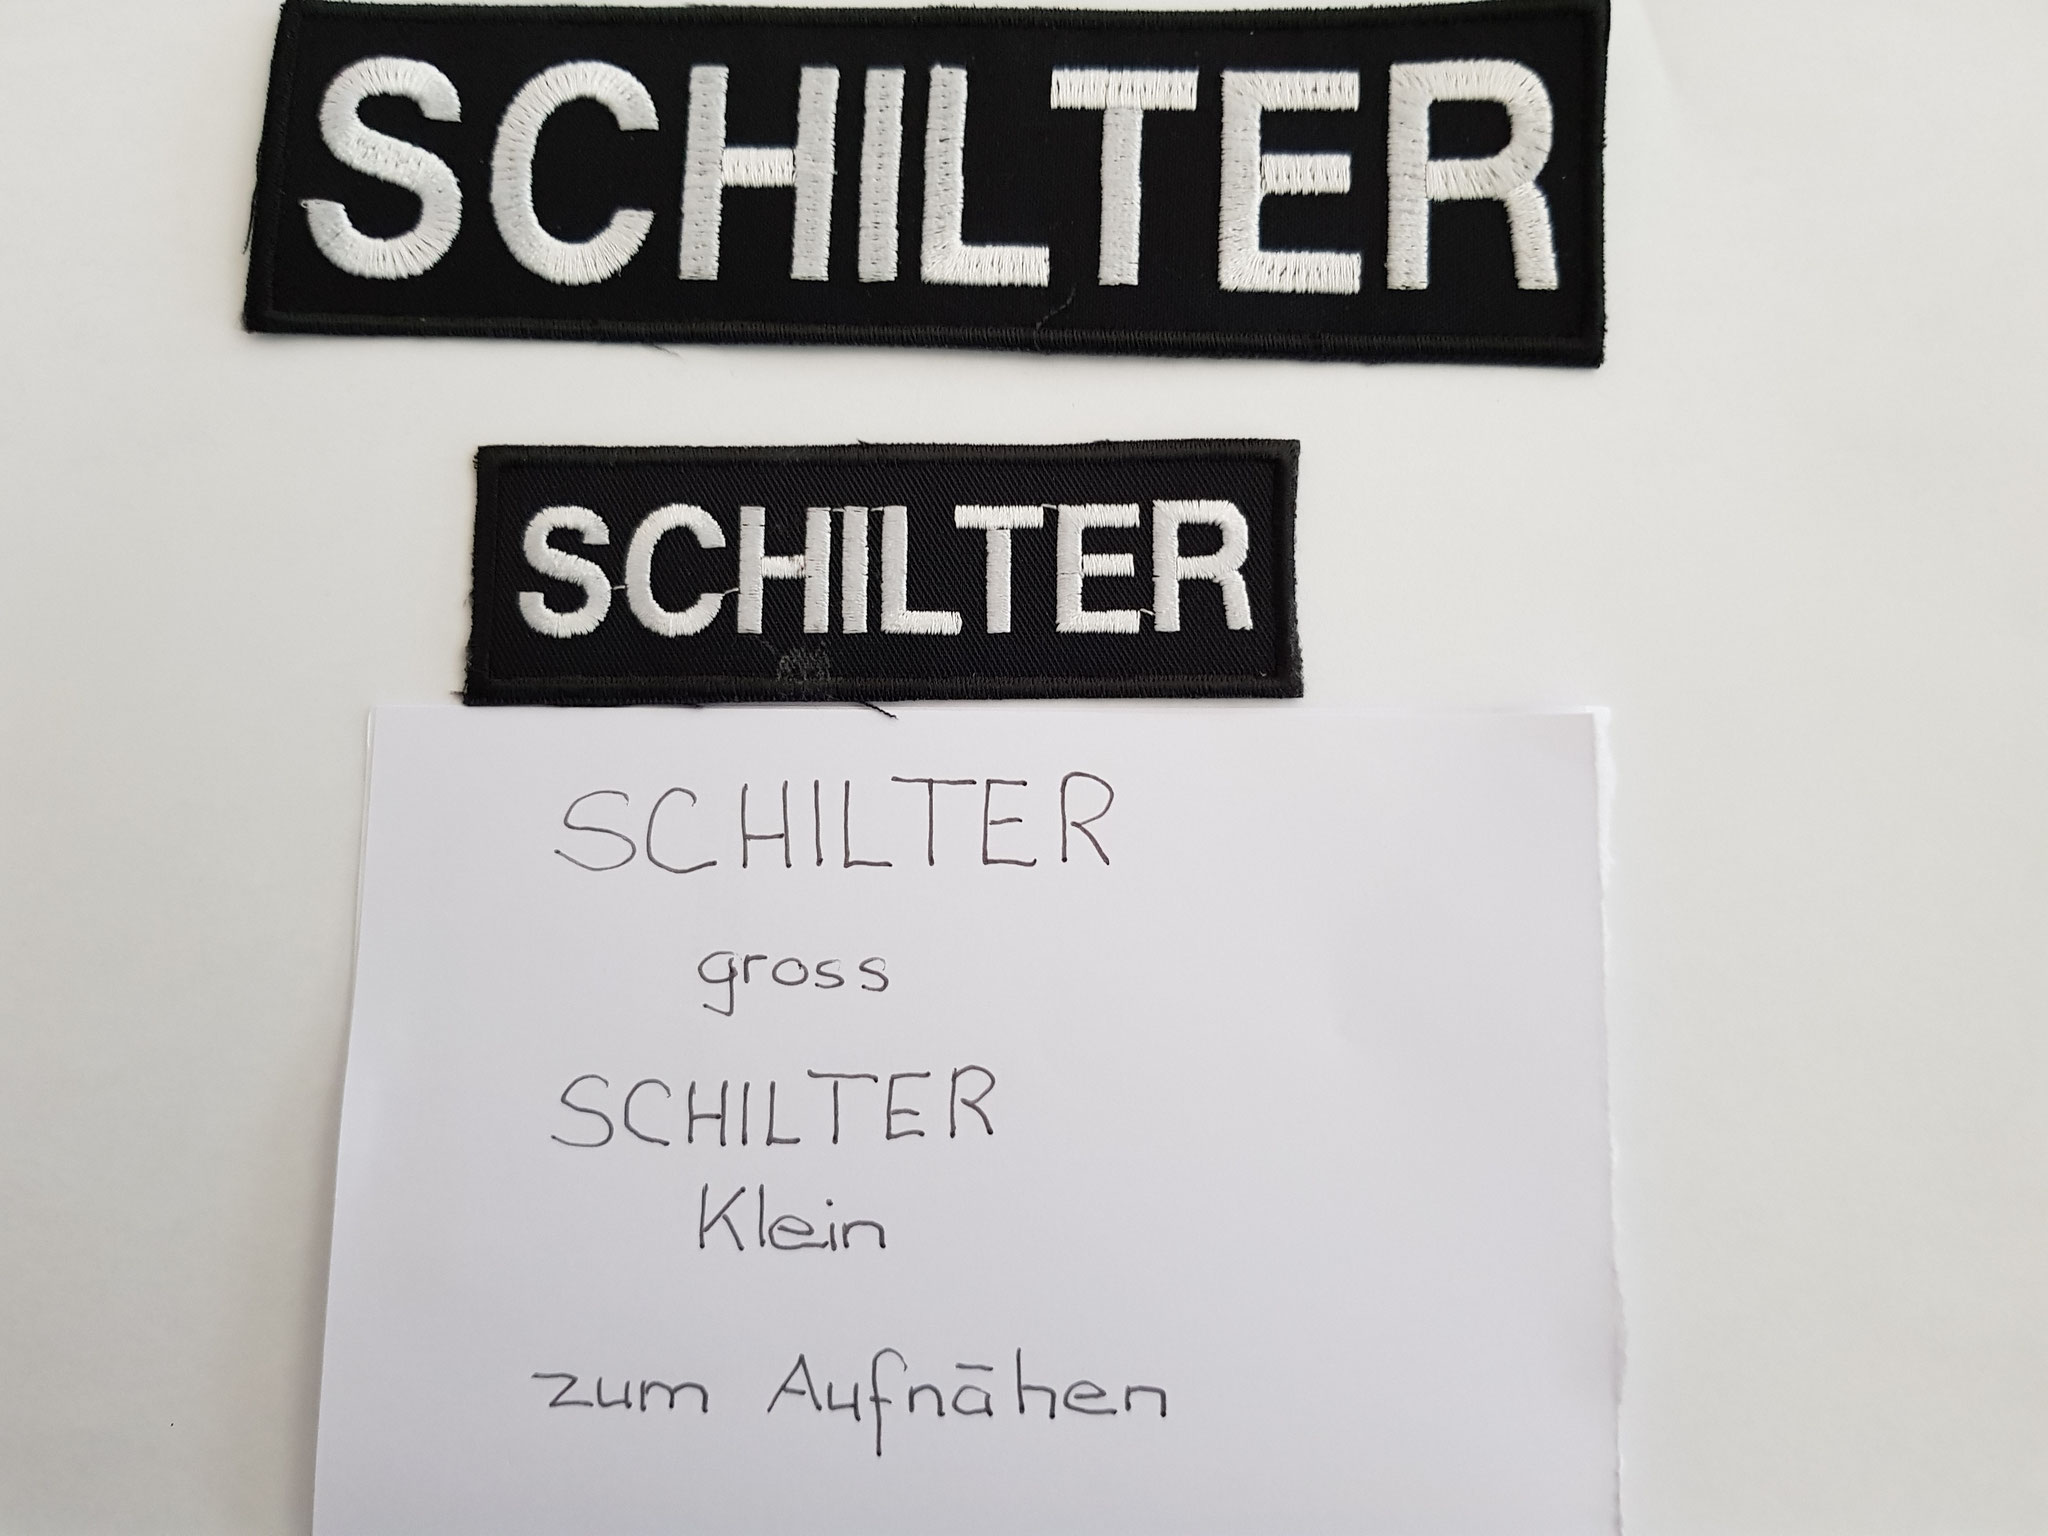 SCHILTER-Patch bestickt zum aufnähen